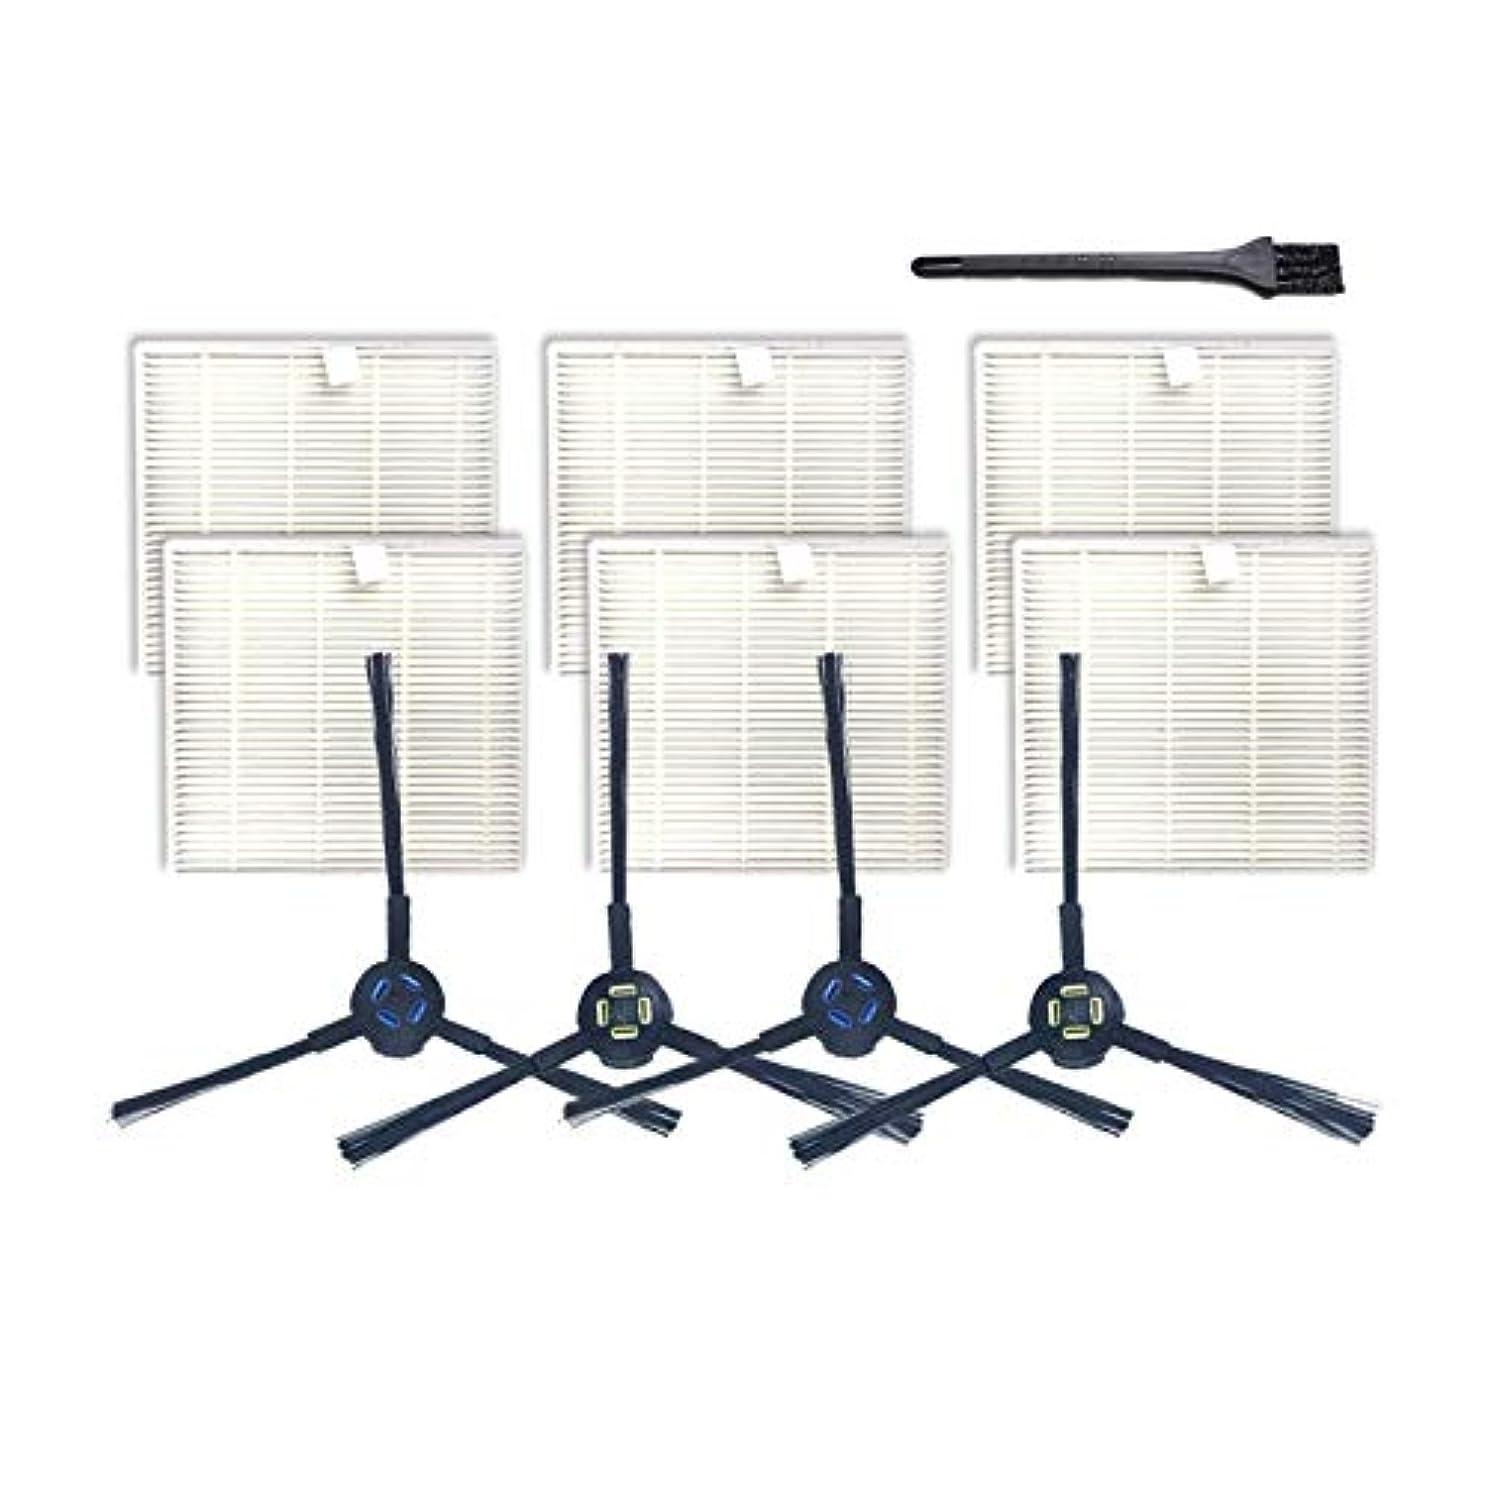 失礼な保険をかけるアレイホーム&キッチン XI284 2ペアI258サイドブラシ+ 6 PCS I206フィルター+ G101小型ブラックブラシ(ILIFE V8S用) クリーニング用品